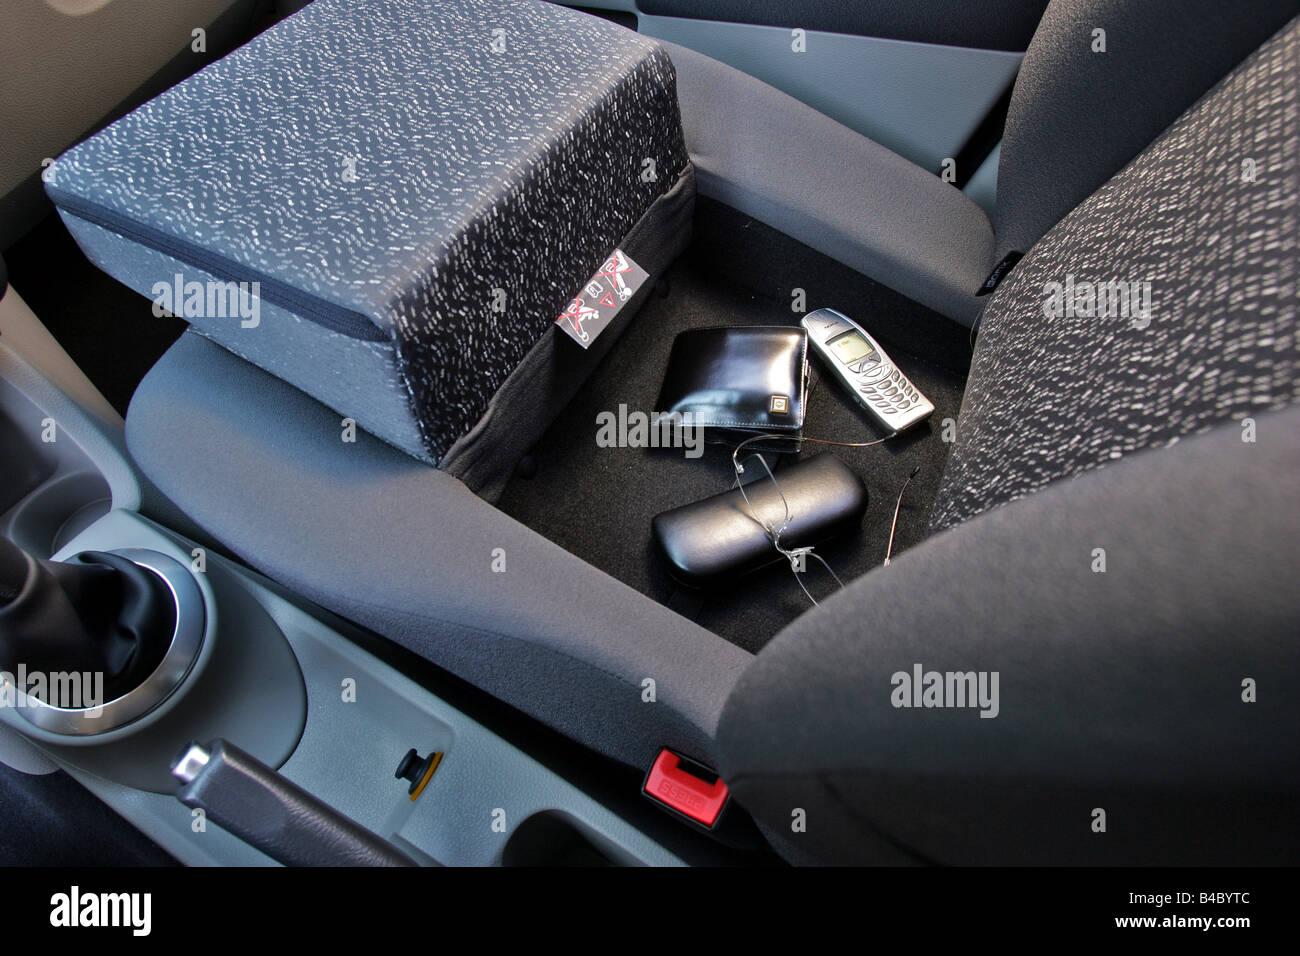 https://c8.alamy.com/comp/B4BYTC/car-renault-modus-16-16v-model-year-2004-dark-blue-lower-middle-sized-B4BYTC.jpg